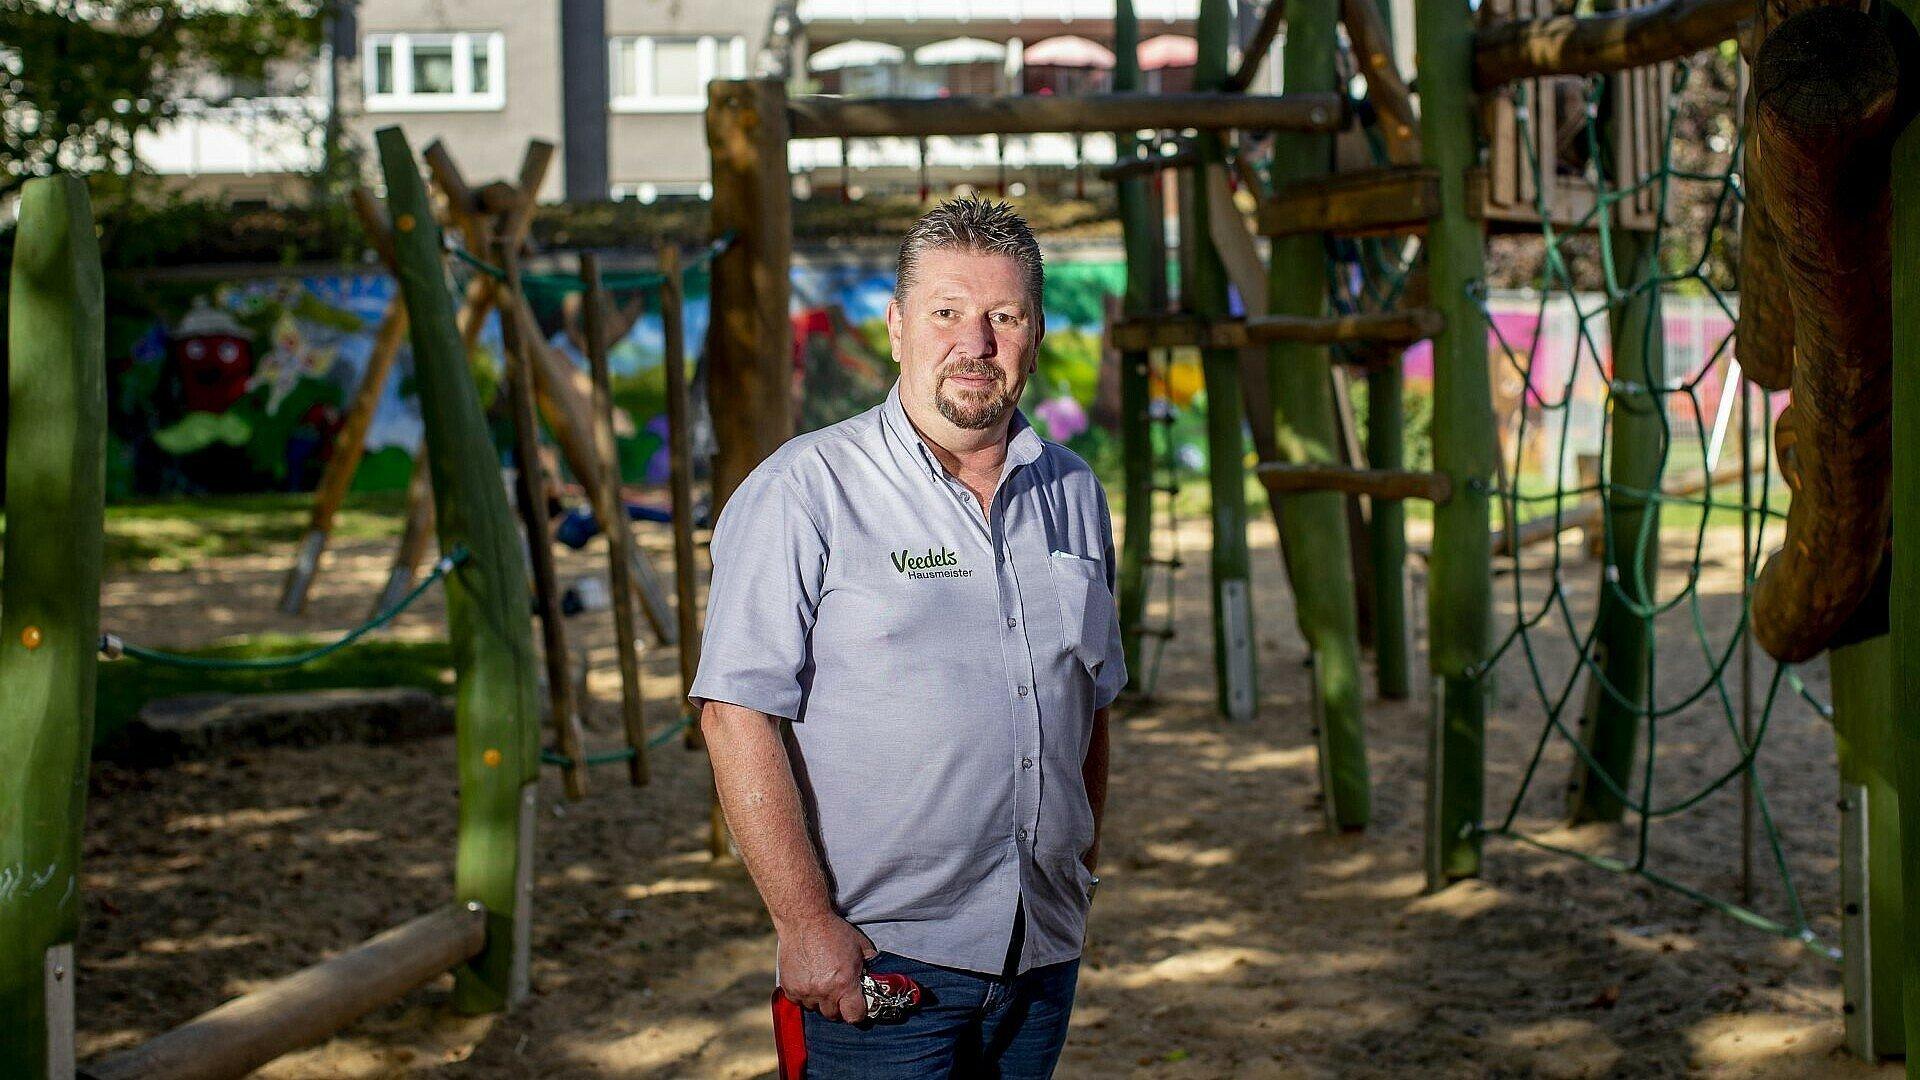 Der Veedelshausmeister auf dem renovierten Spielplatz in Kalk-Nord